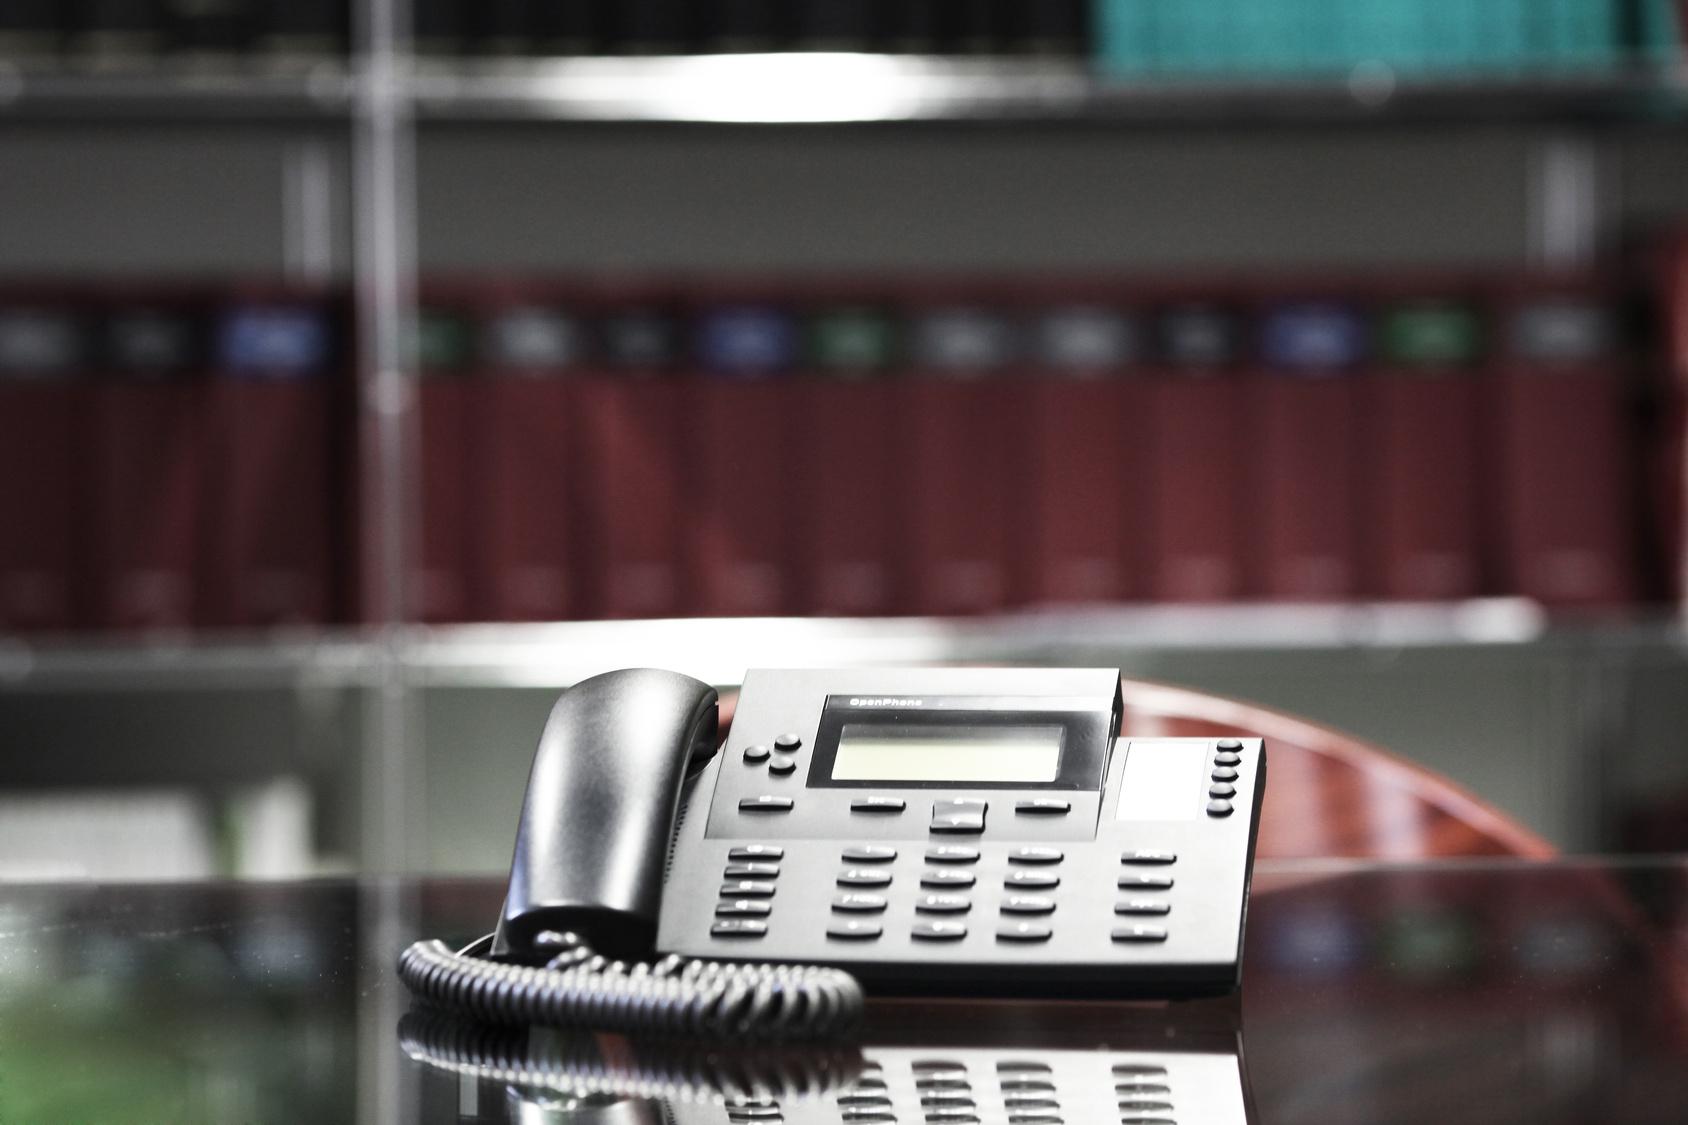 Warum setzen immer mehr Unternehmen auf eine Telefonansage vom Profi?